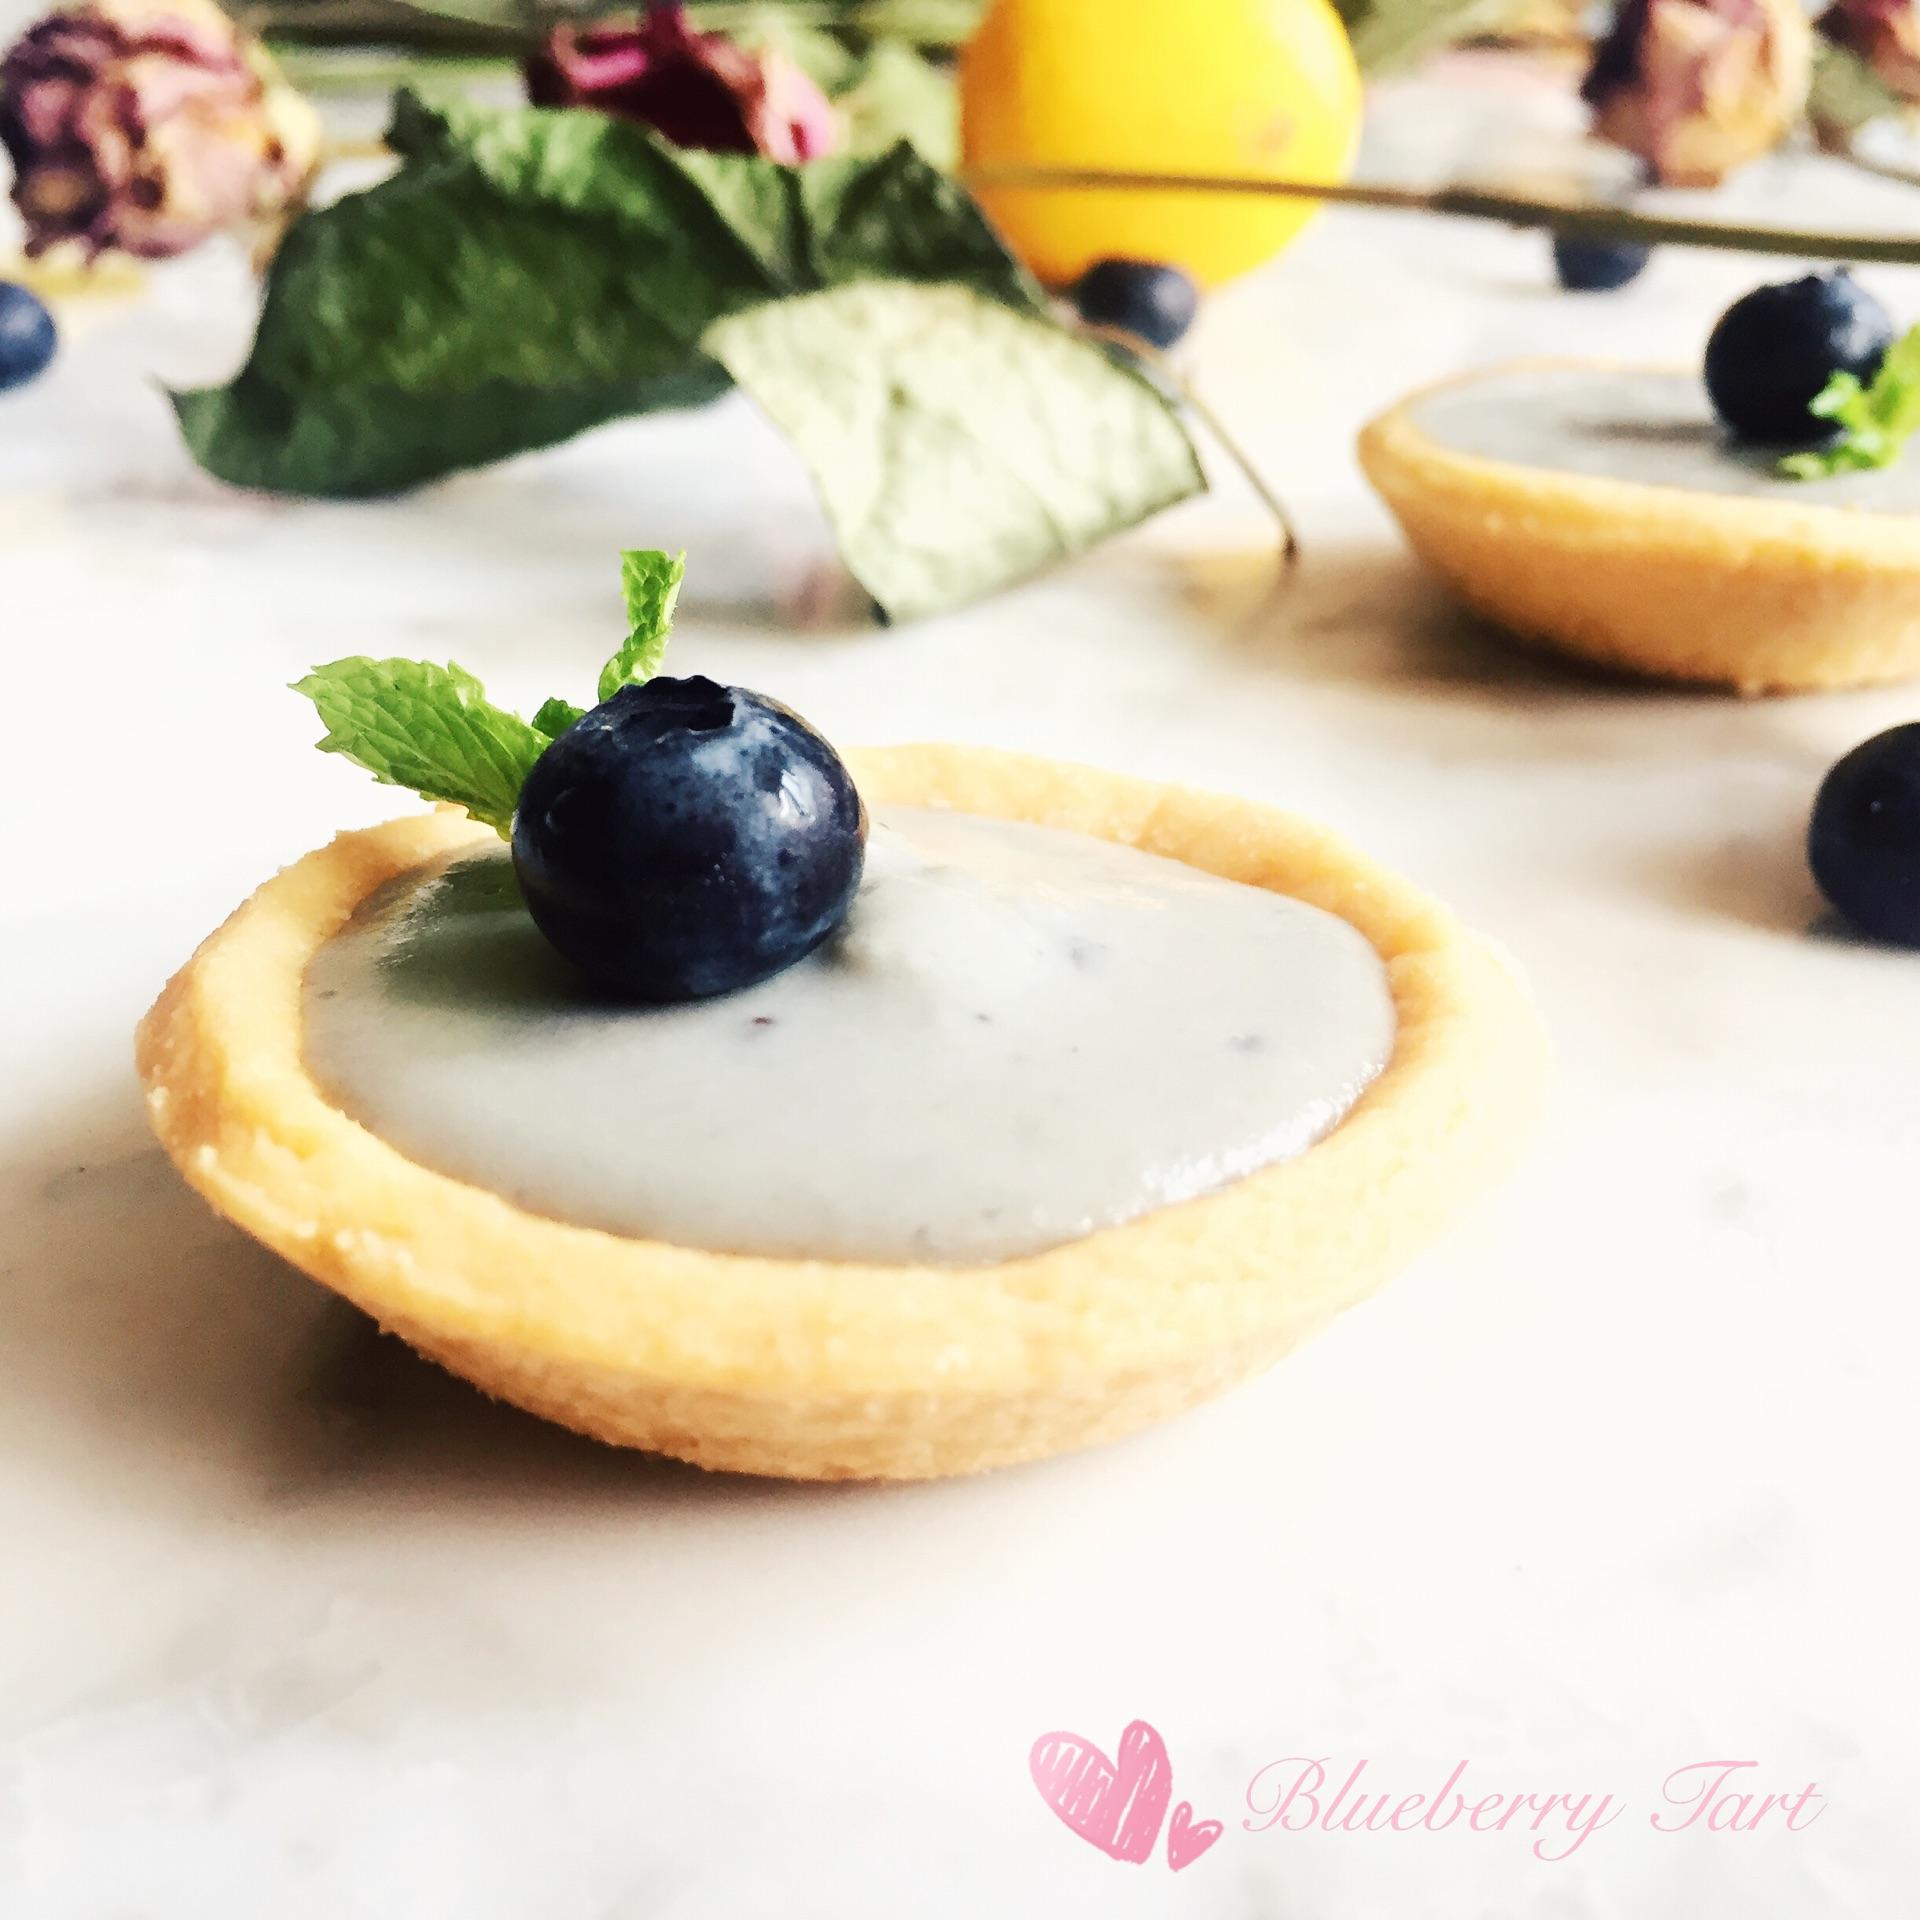 蓝莓塔冻#烘焙梦想家(华北)#的做法